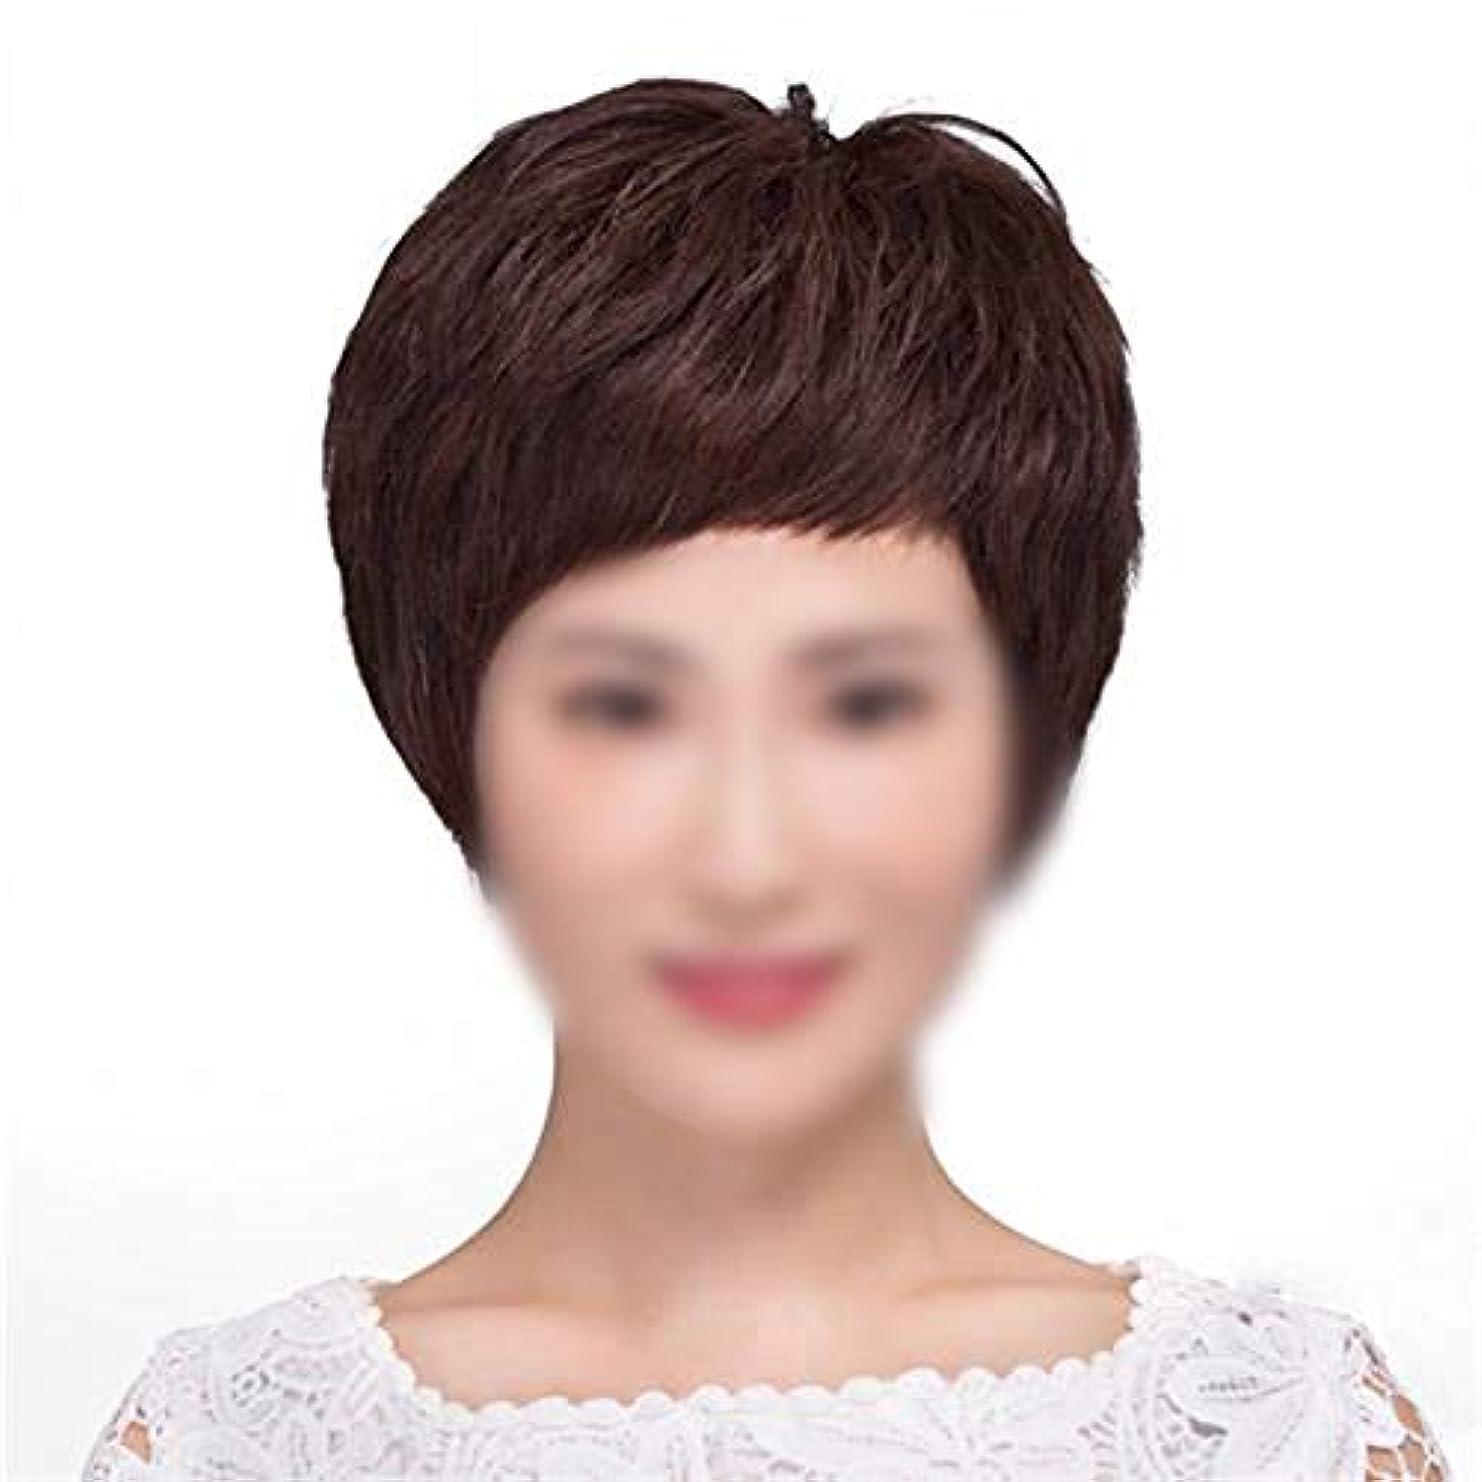 ギャロップワンダーギャロップYOUQIU 女性のパーティードレス毎日ウィッグ用ハンドニードルレアル髪ショートストレート髪ふわふわナチュラルウィッグ (色 : Natural black)